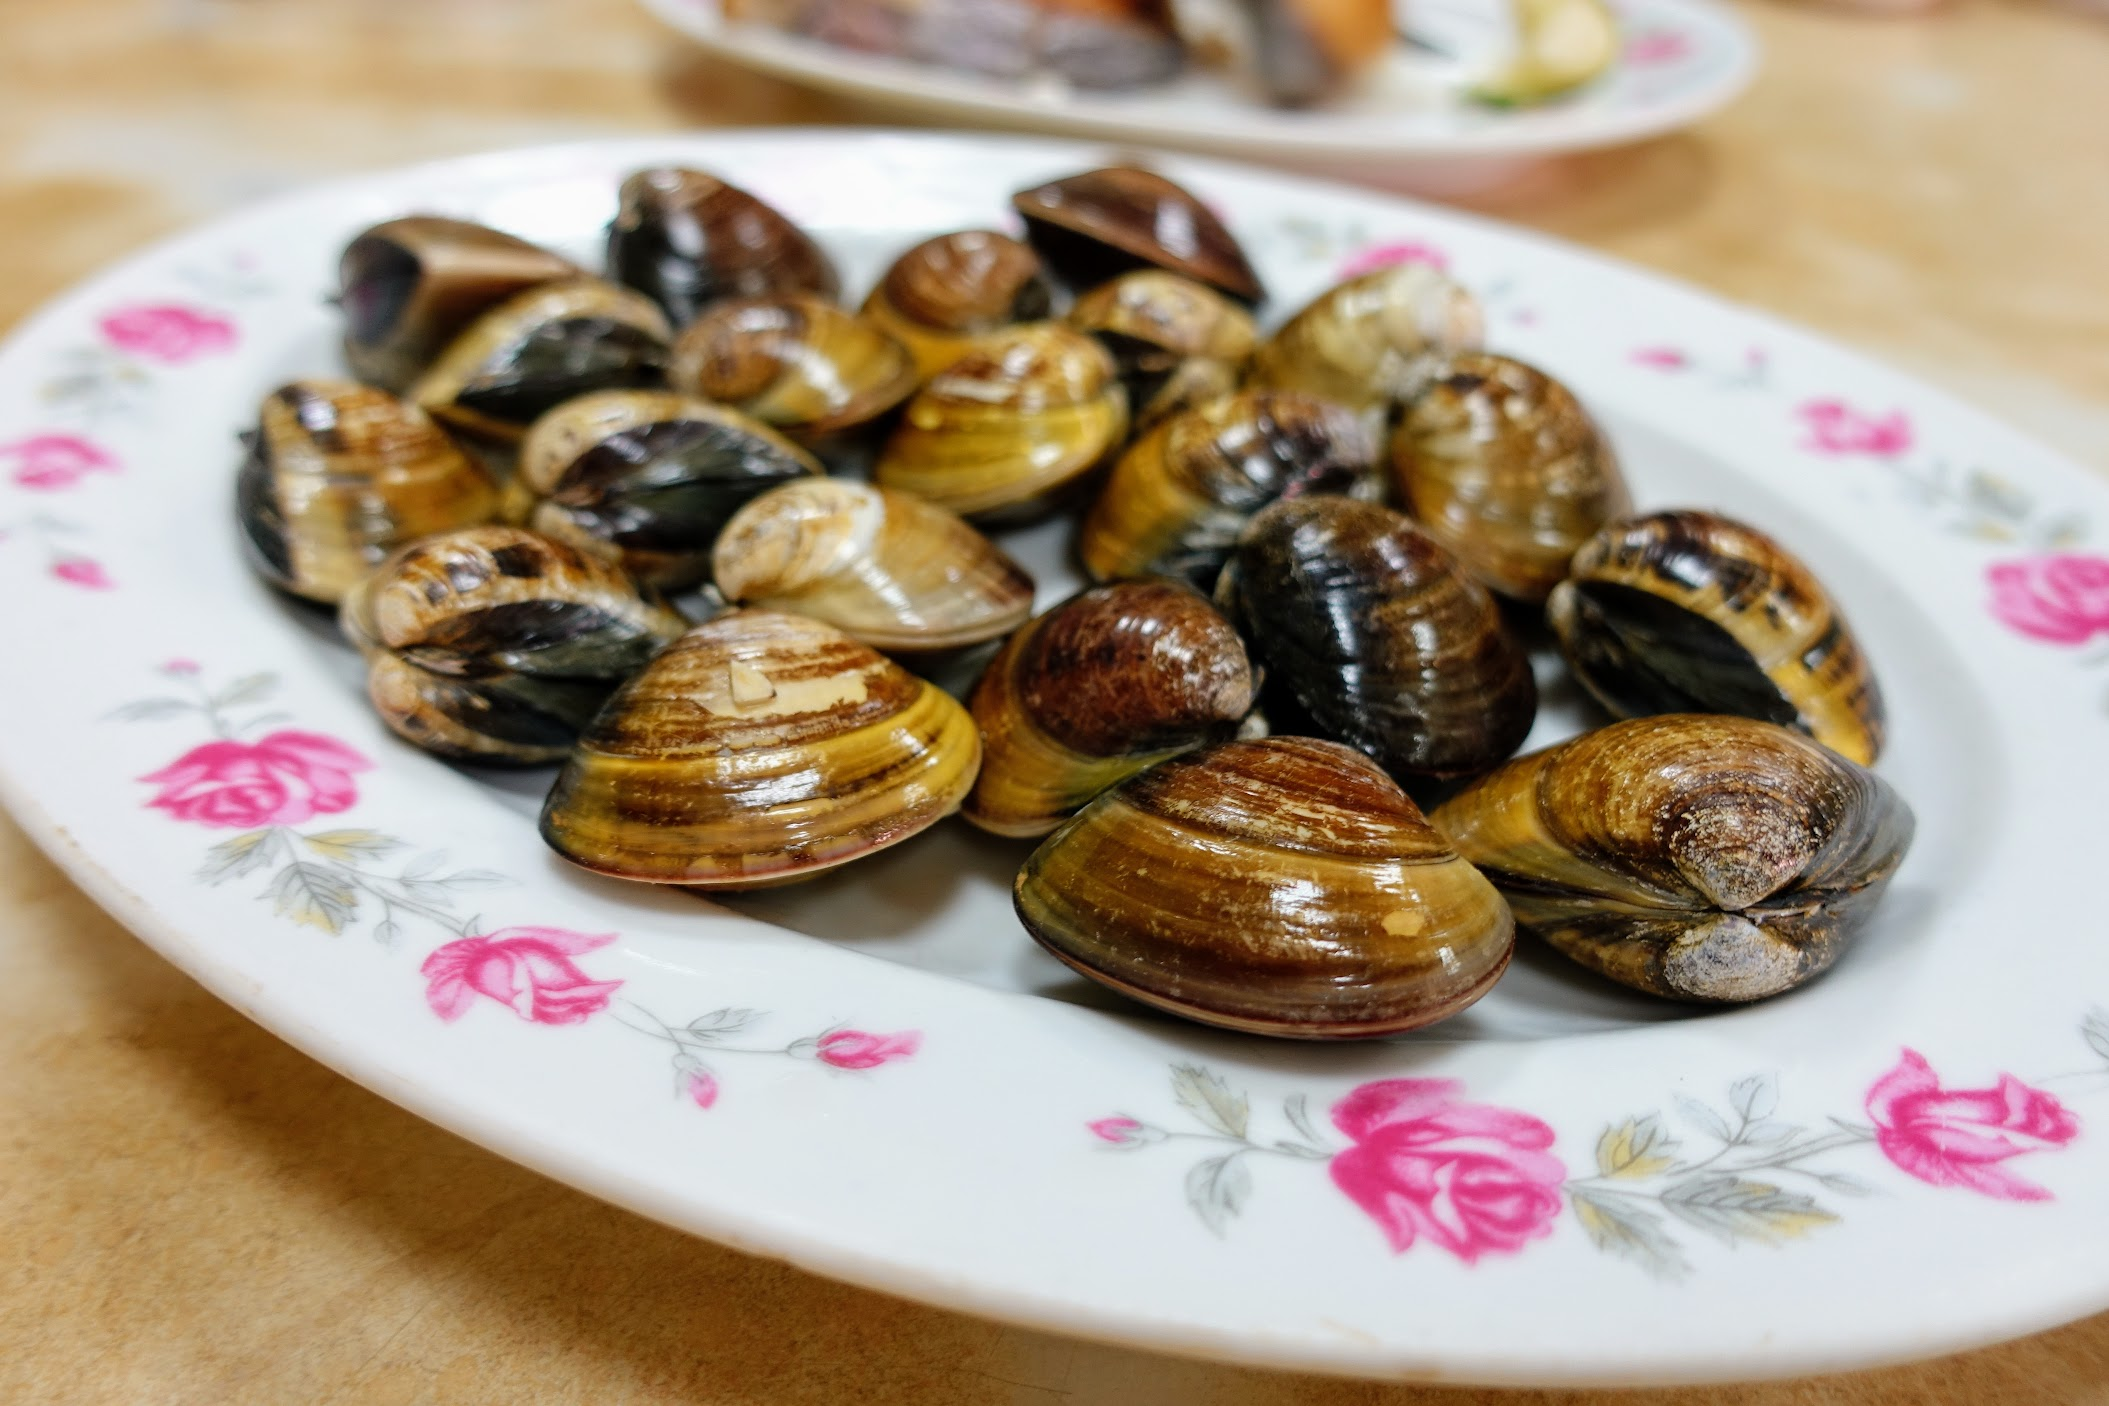 鹽烤蛤蠣,看起來都沒開,實際上都是熟透的,中間都有蛤蠣湯汁